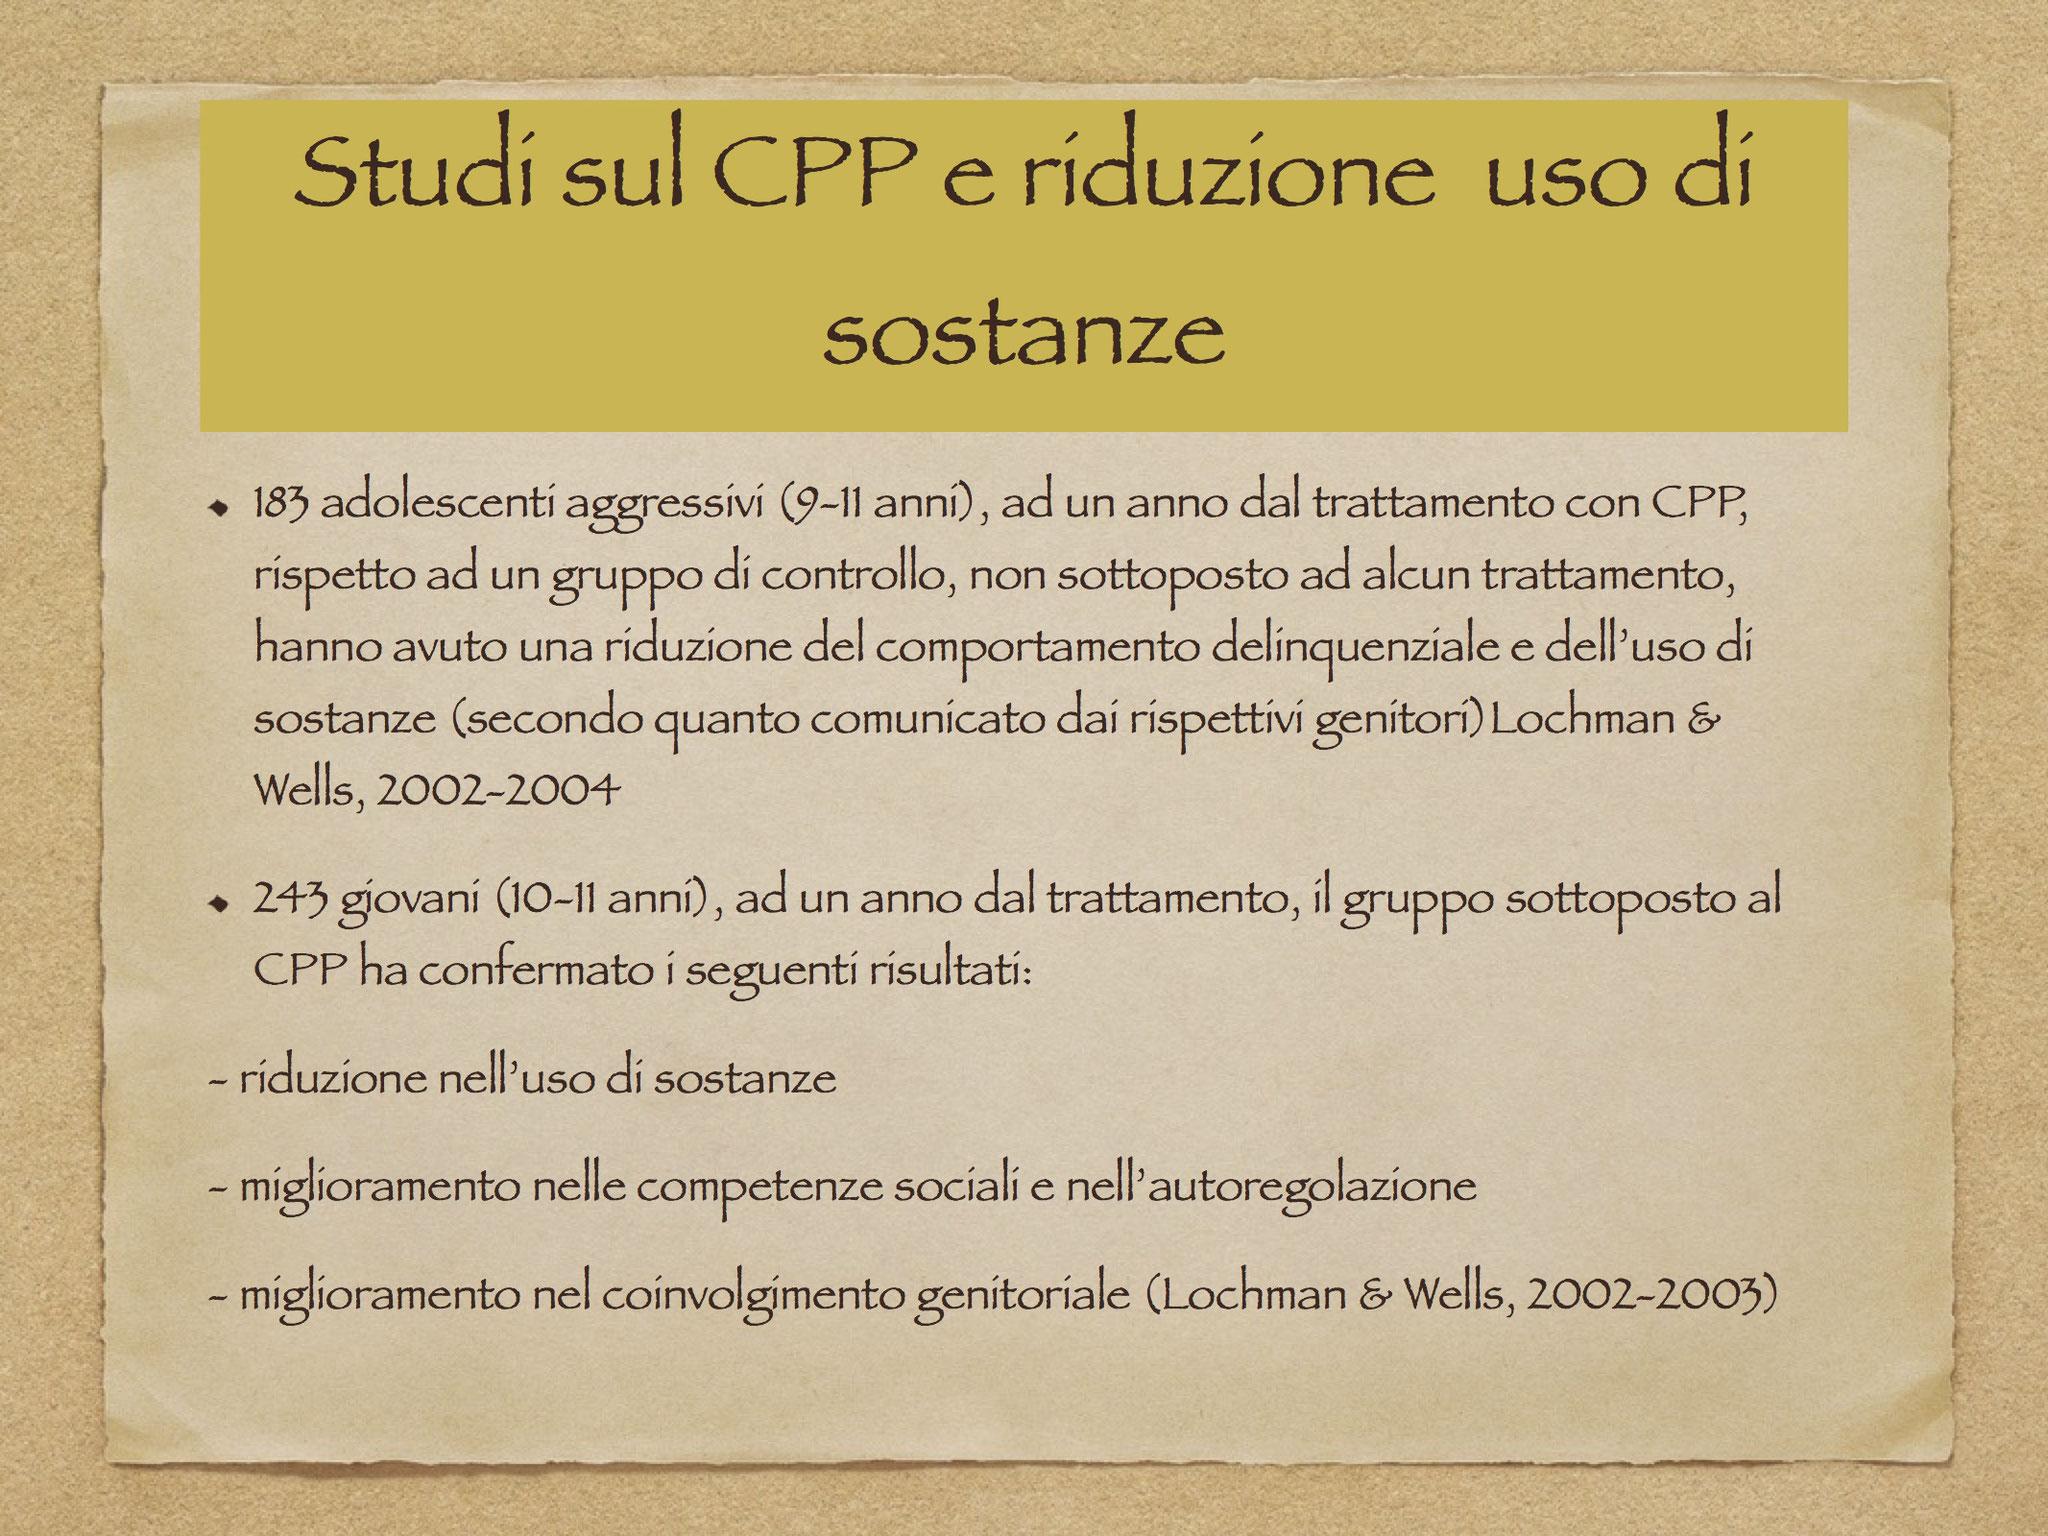 Psicologo Trieste - Dott.ssa Gennarina Pirri - Accademia Italiana di Criminologia